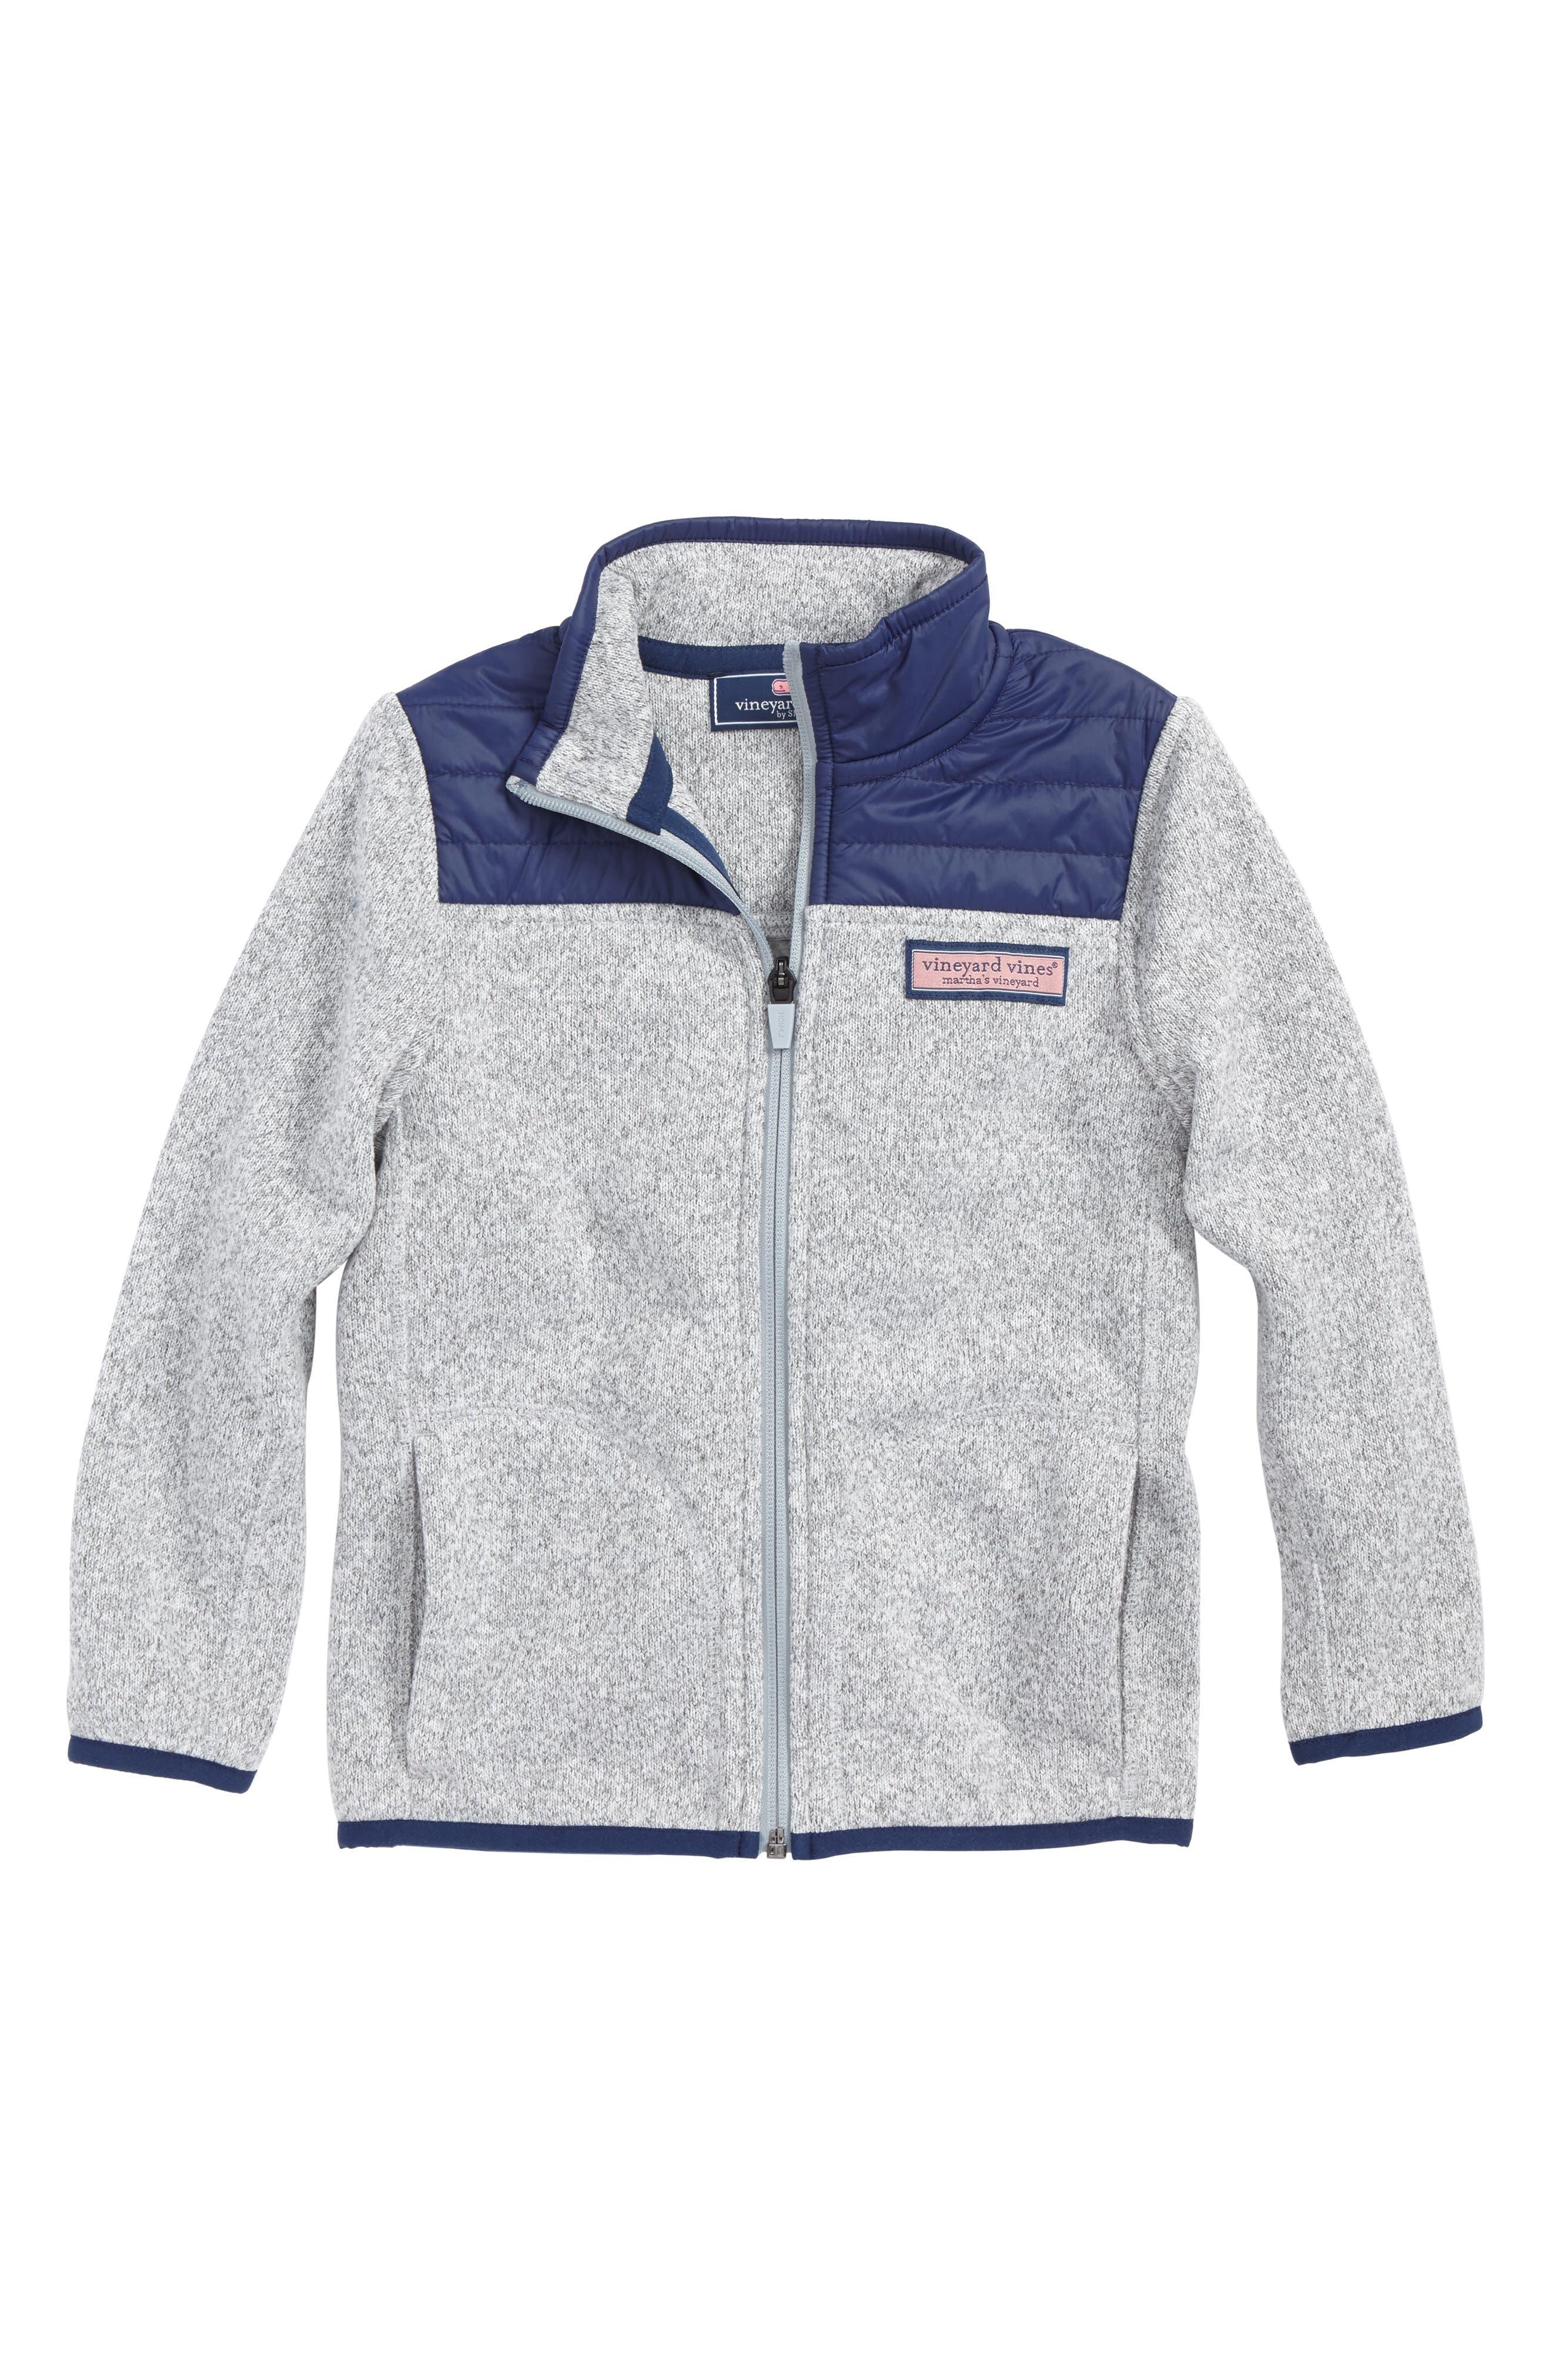 Full Zip Fleece Jacket,                         Main,                         color, 039